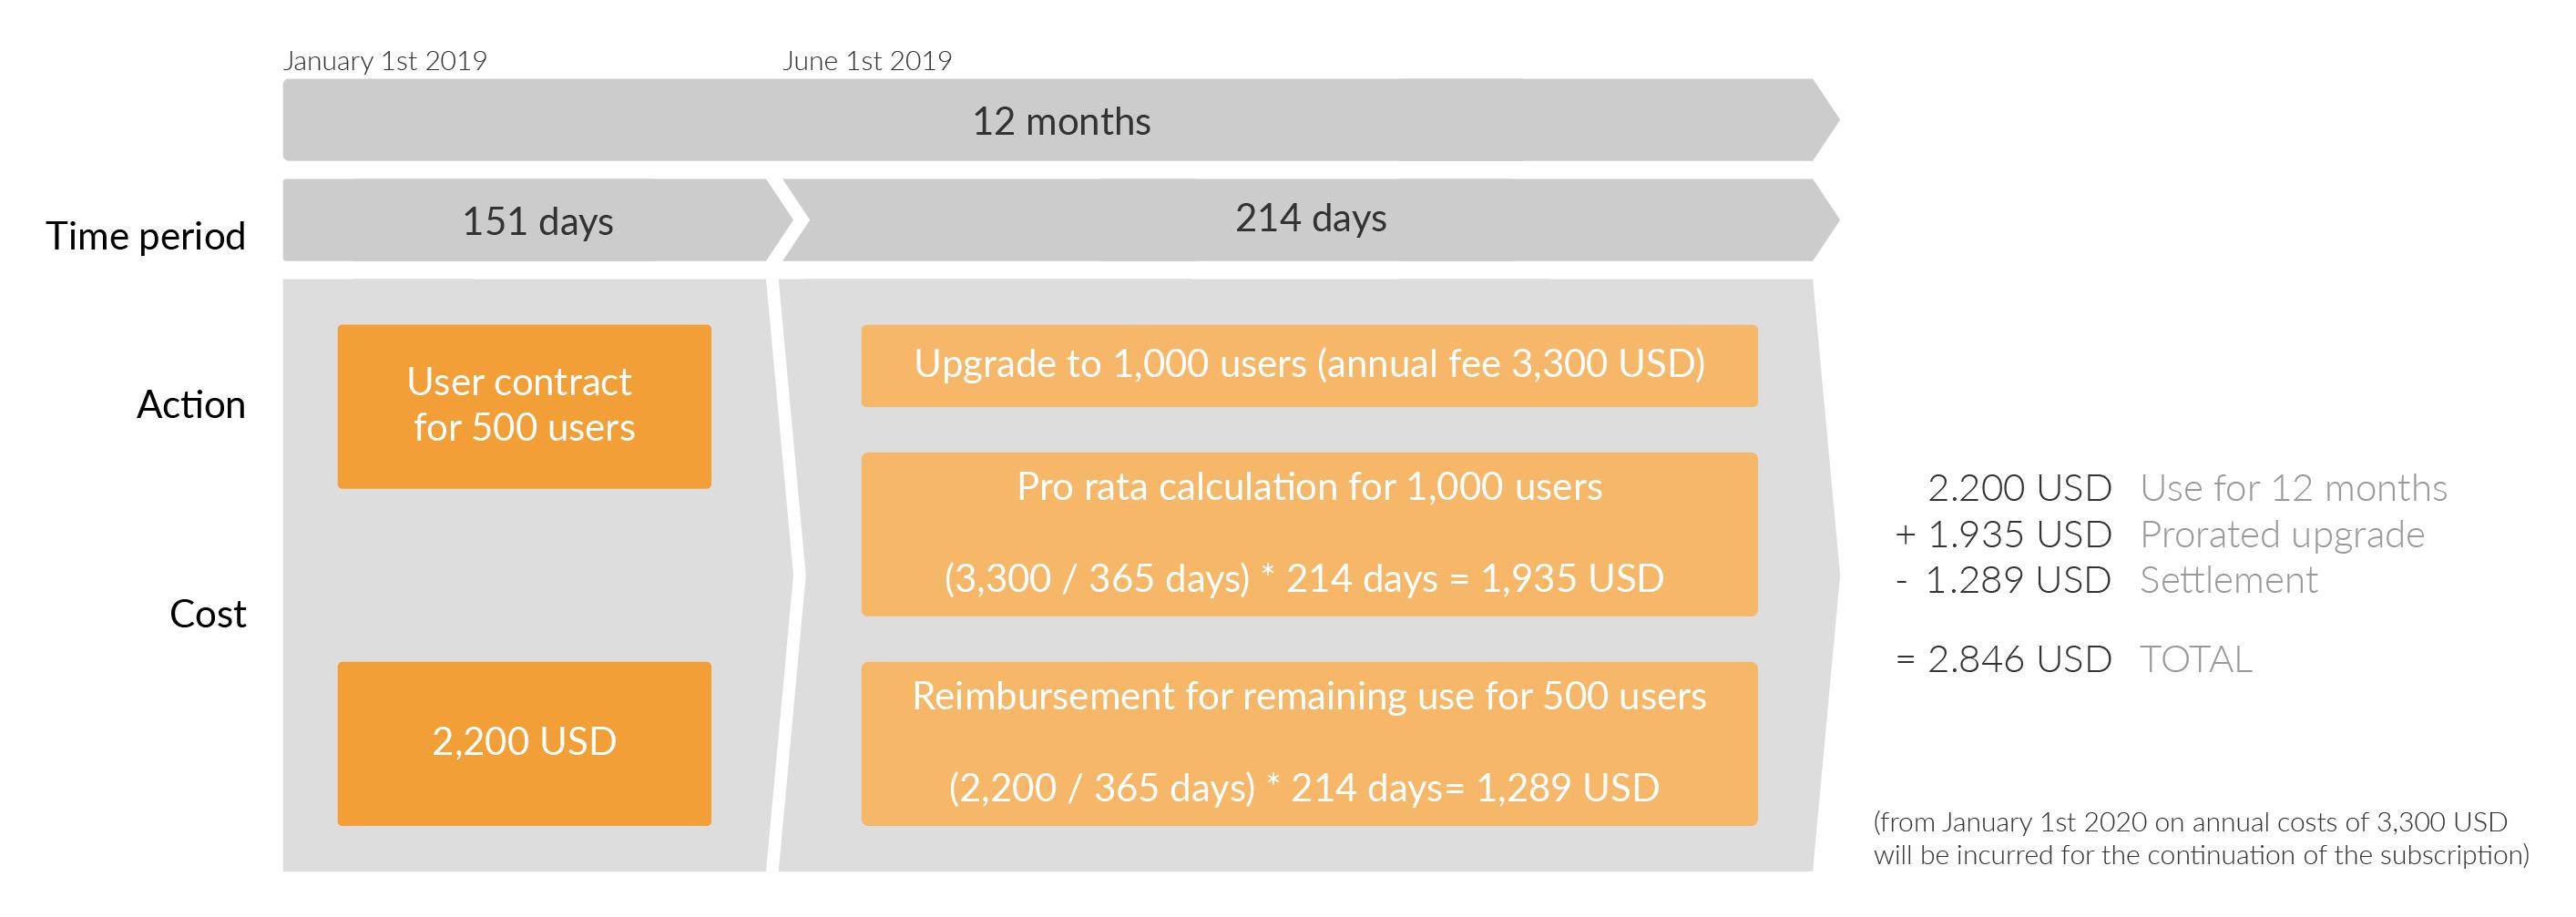 升级将始终将您的持续支持的剩余期限与总费用相抵。